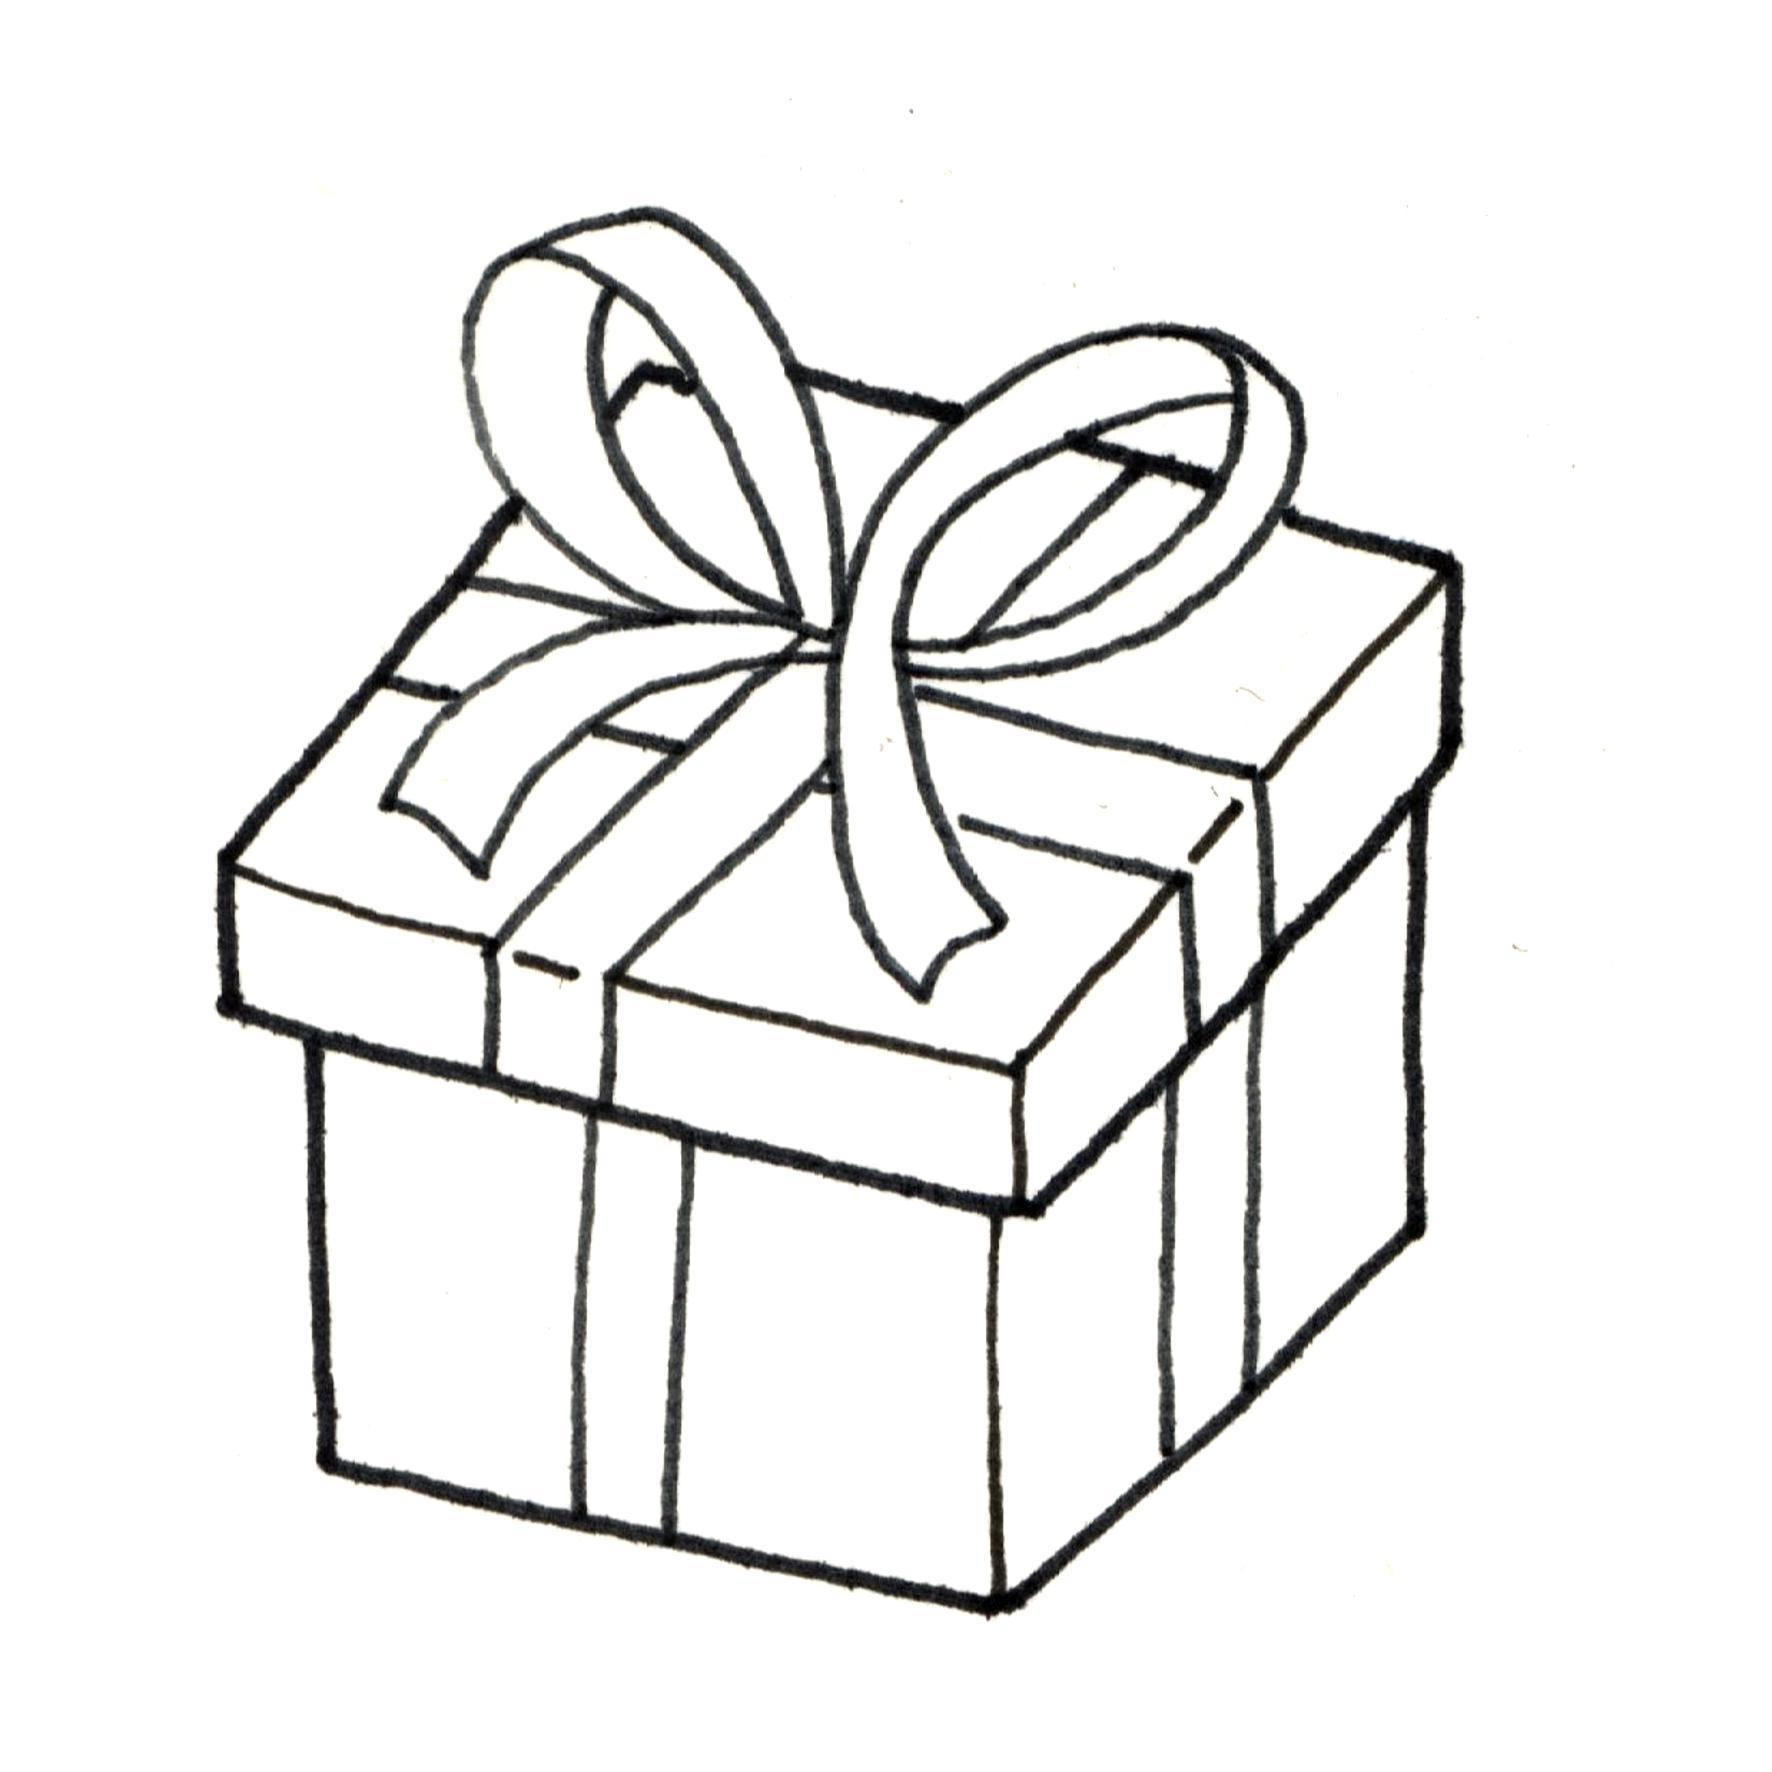 Ressources ducatives libres les - Dessin de cadeau ...